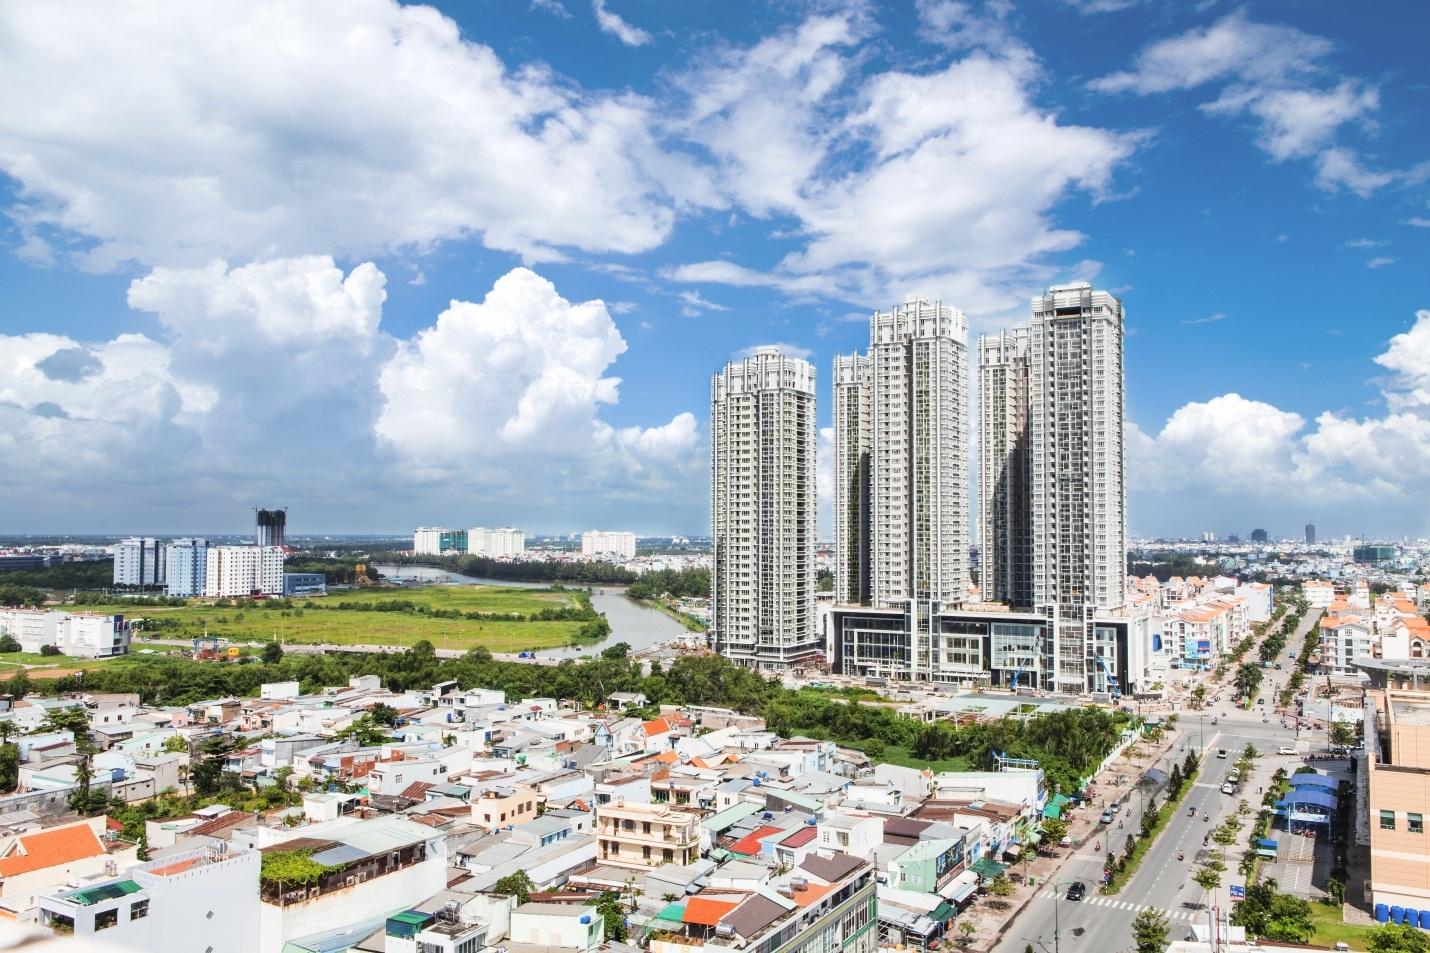 Nguồn cung thị trường bất động sản nhà ở tại Thành phố Hồ Chí Minh và vùng phụ cận tăng sau giãn cách